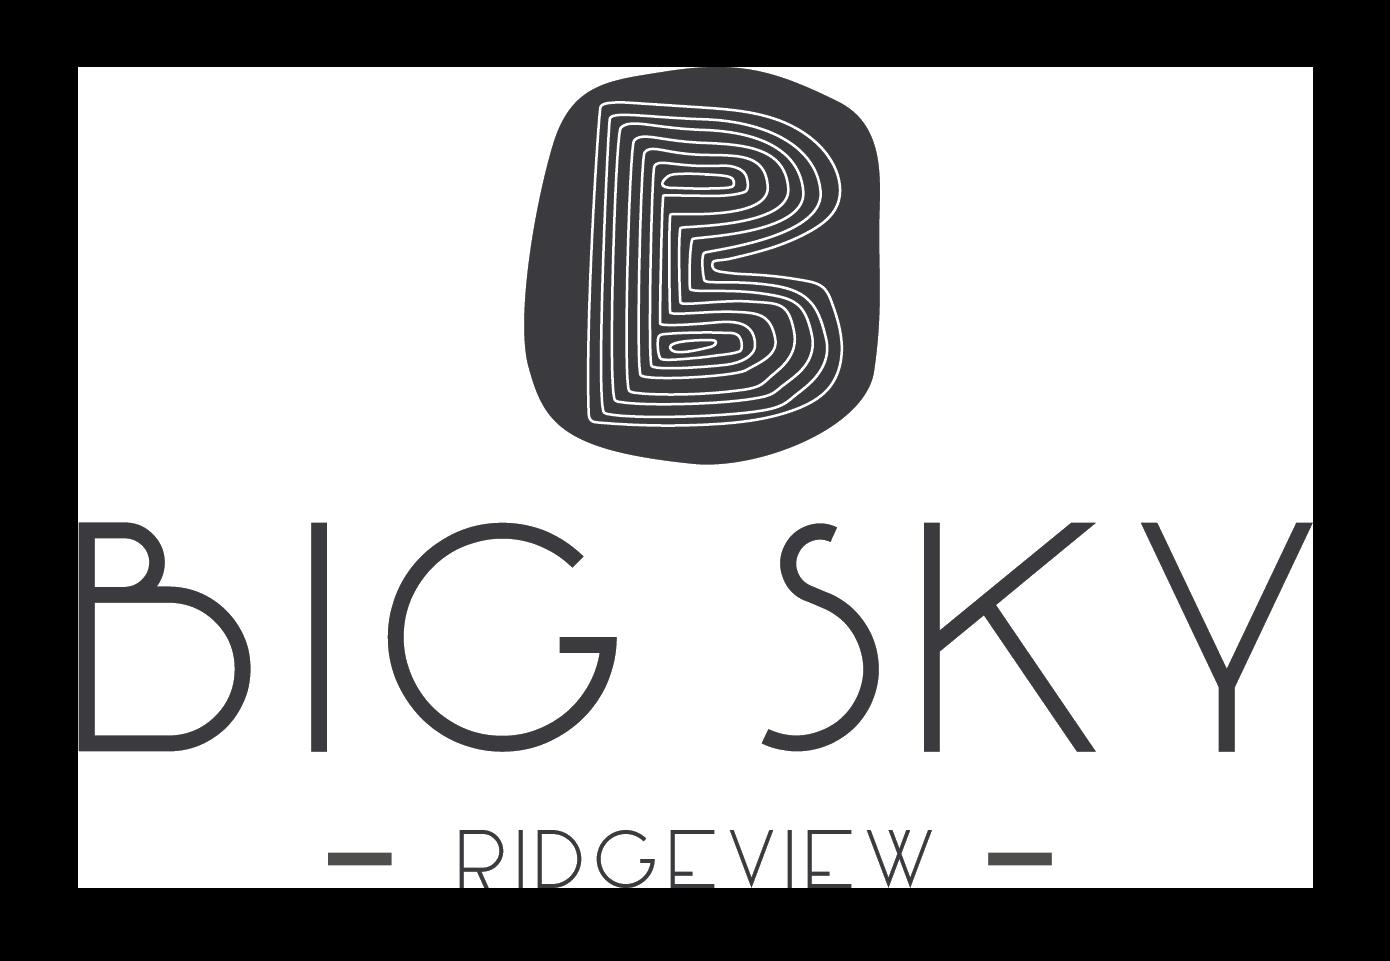 Logo_Ridgeview.png